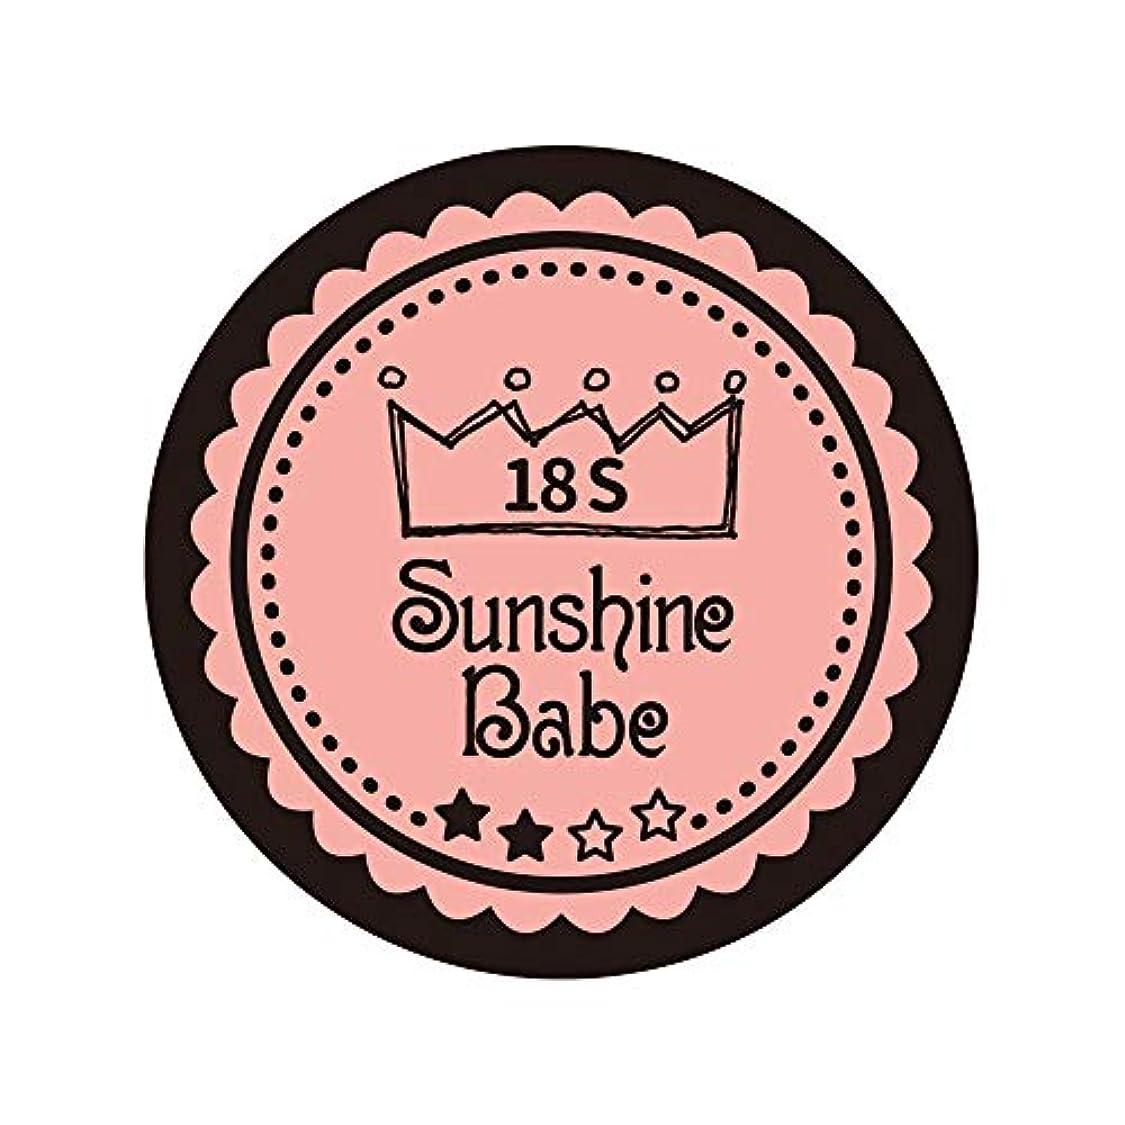 拮抗するペルー深遠Sunshine Babe カラージェル 18S ロマンティックベリー 2.7g UV/LED対応